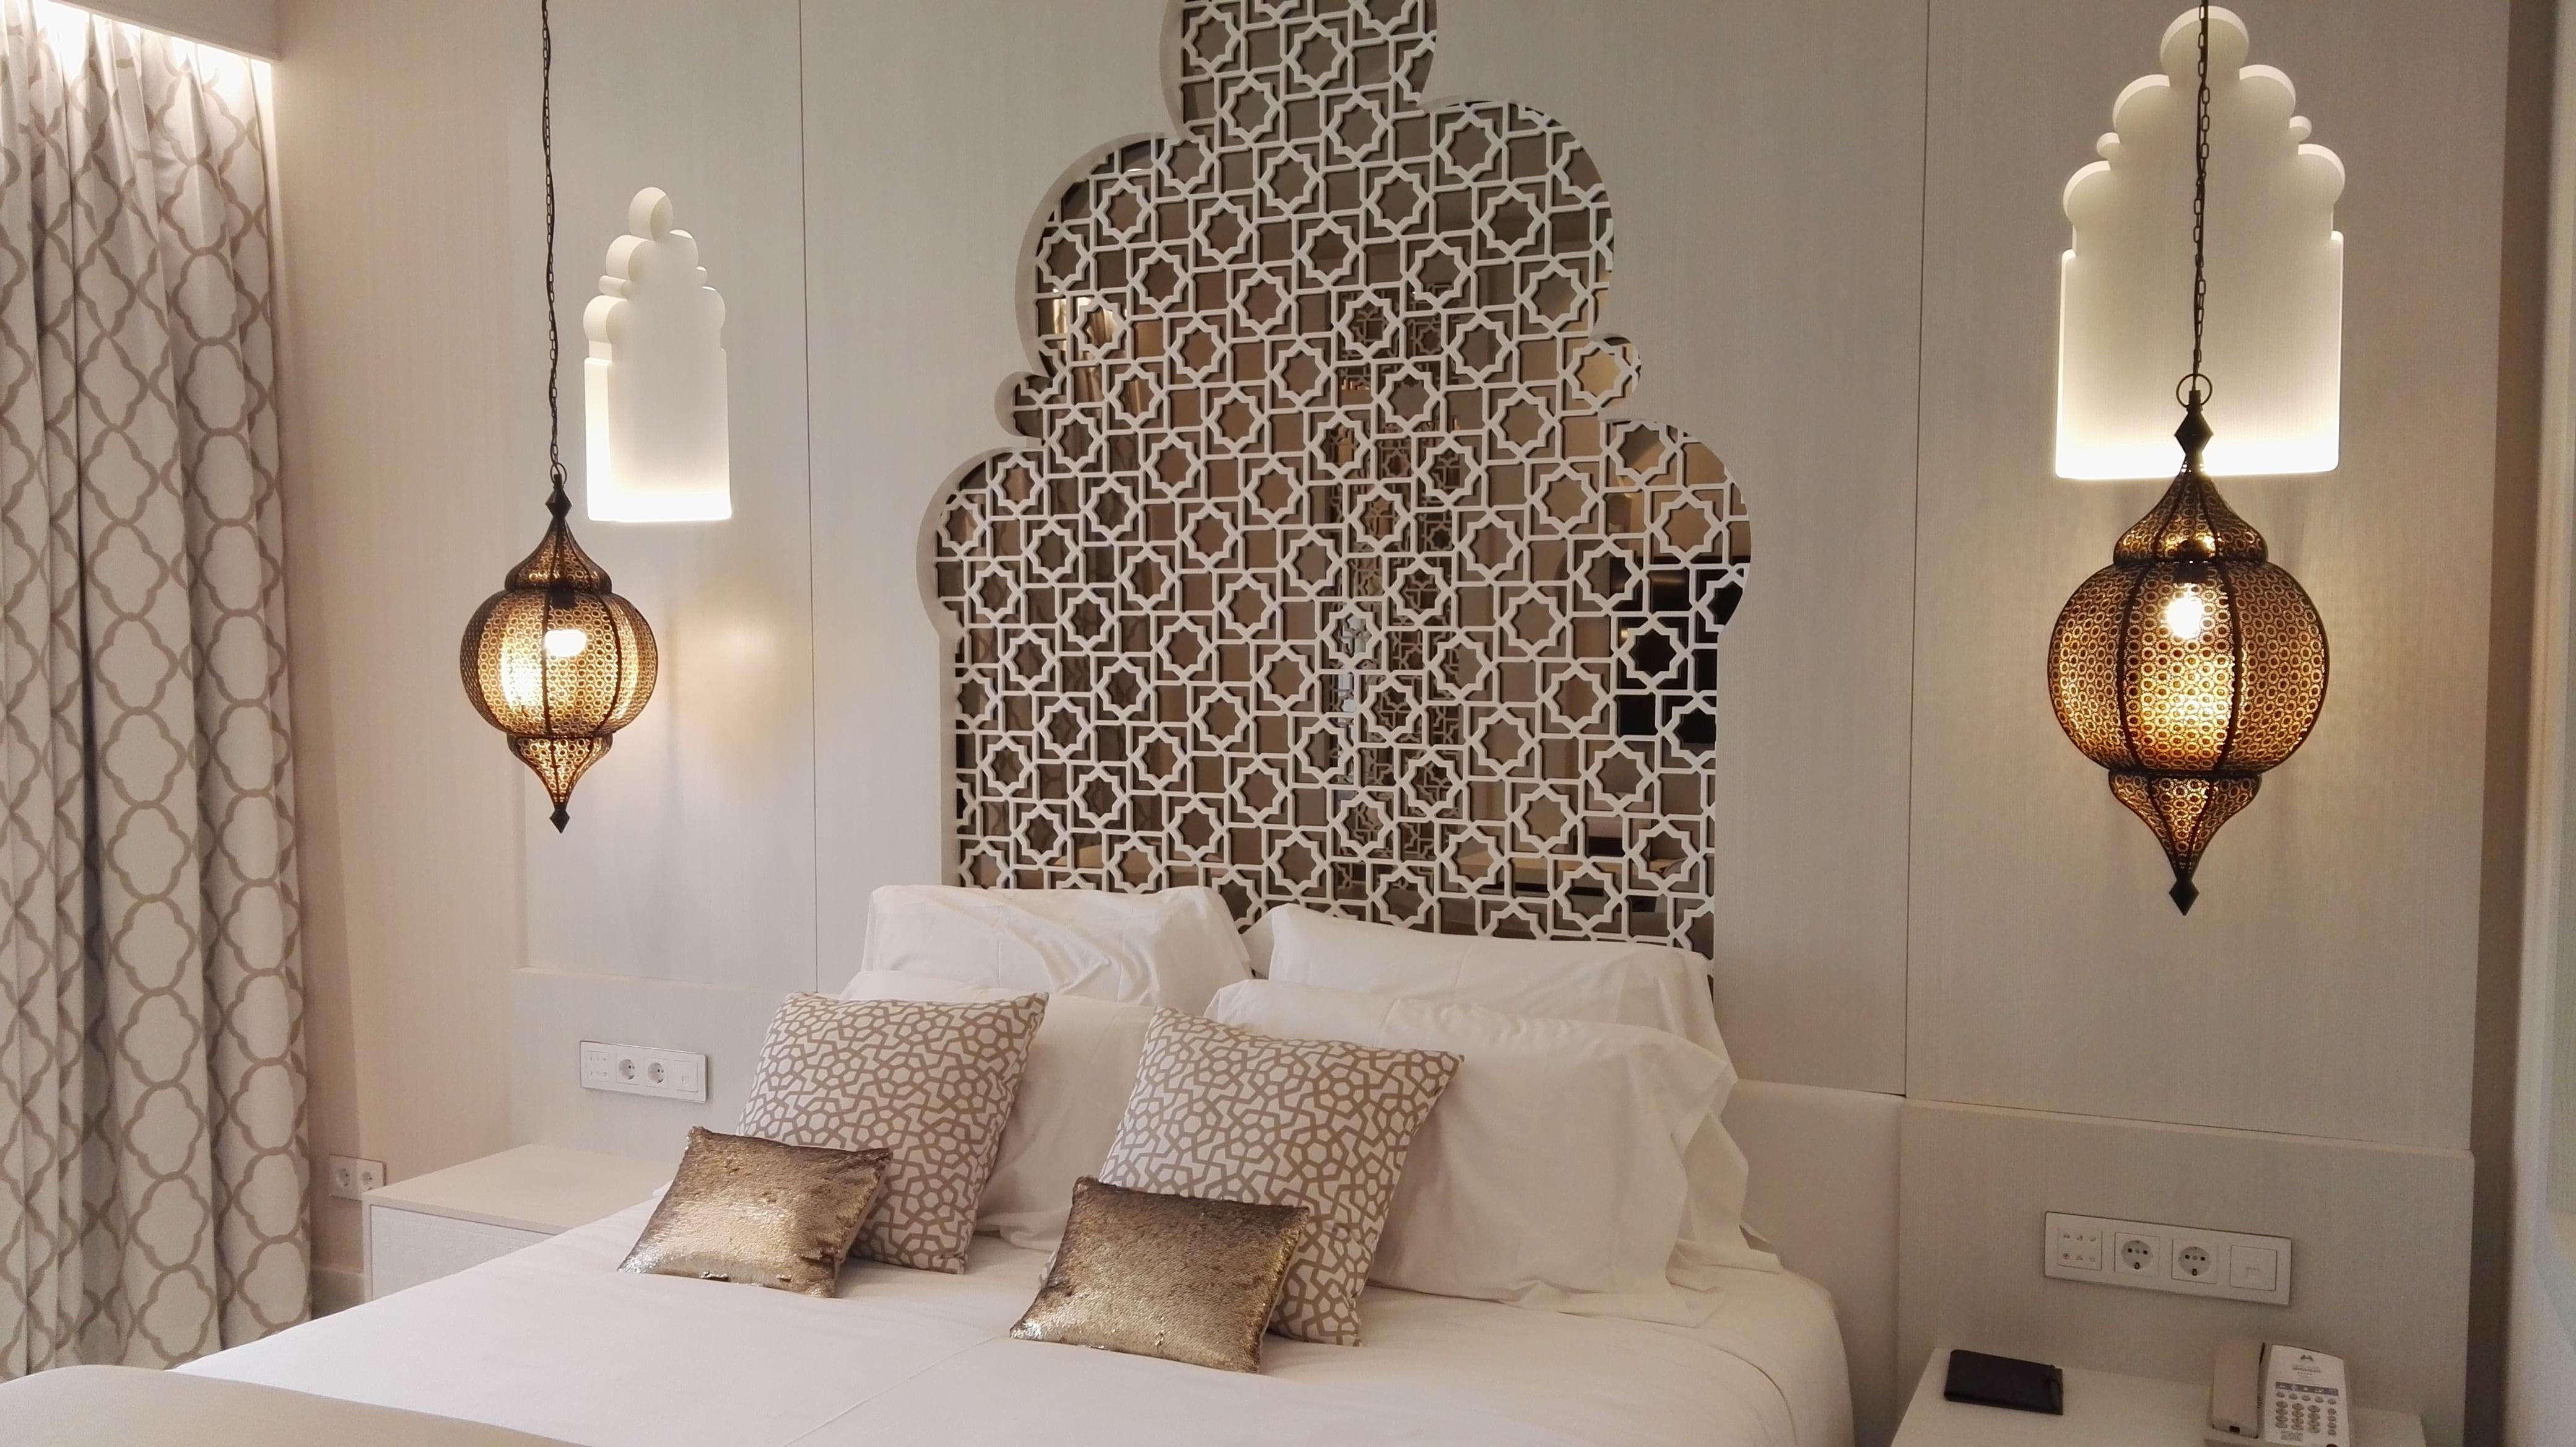 Gran hotel santos miramar 5 estrellas gran lujo ciudad - Diseno de interiores malaga ...